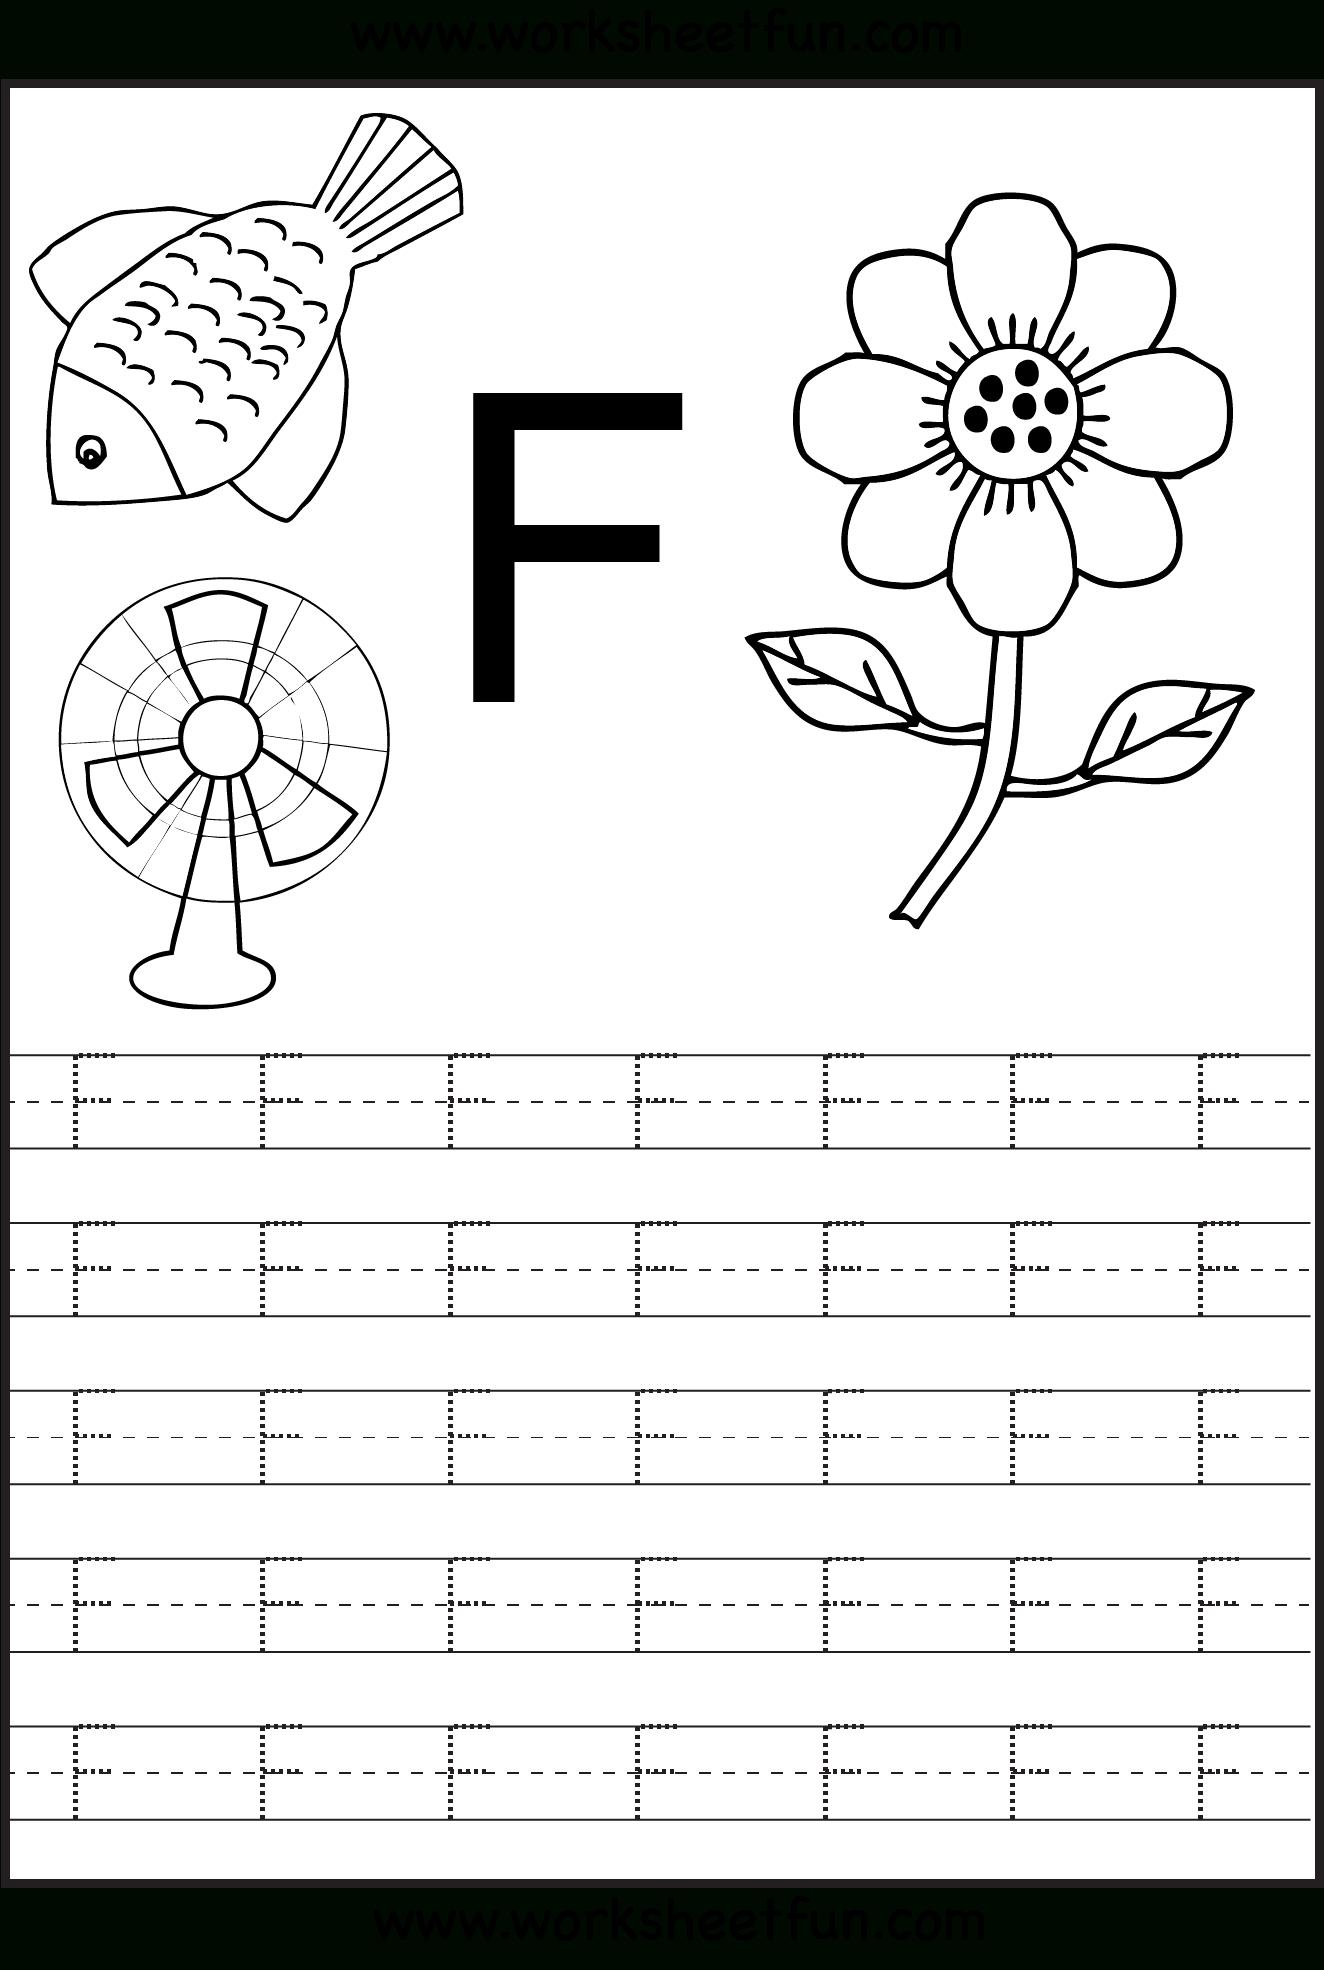 Letter F Worksheets | H3Dwallpapers - High Definition Free intended for Letter F Worksheets Prek